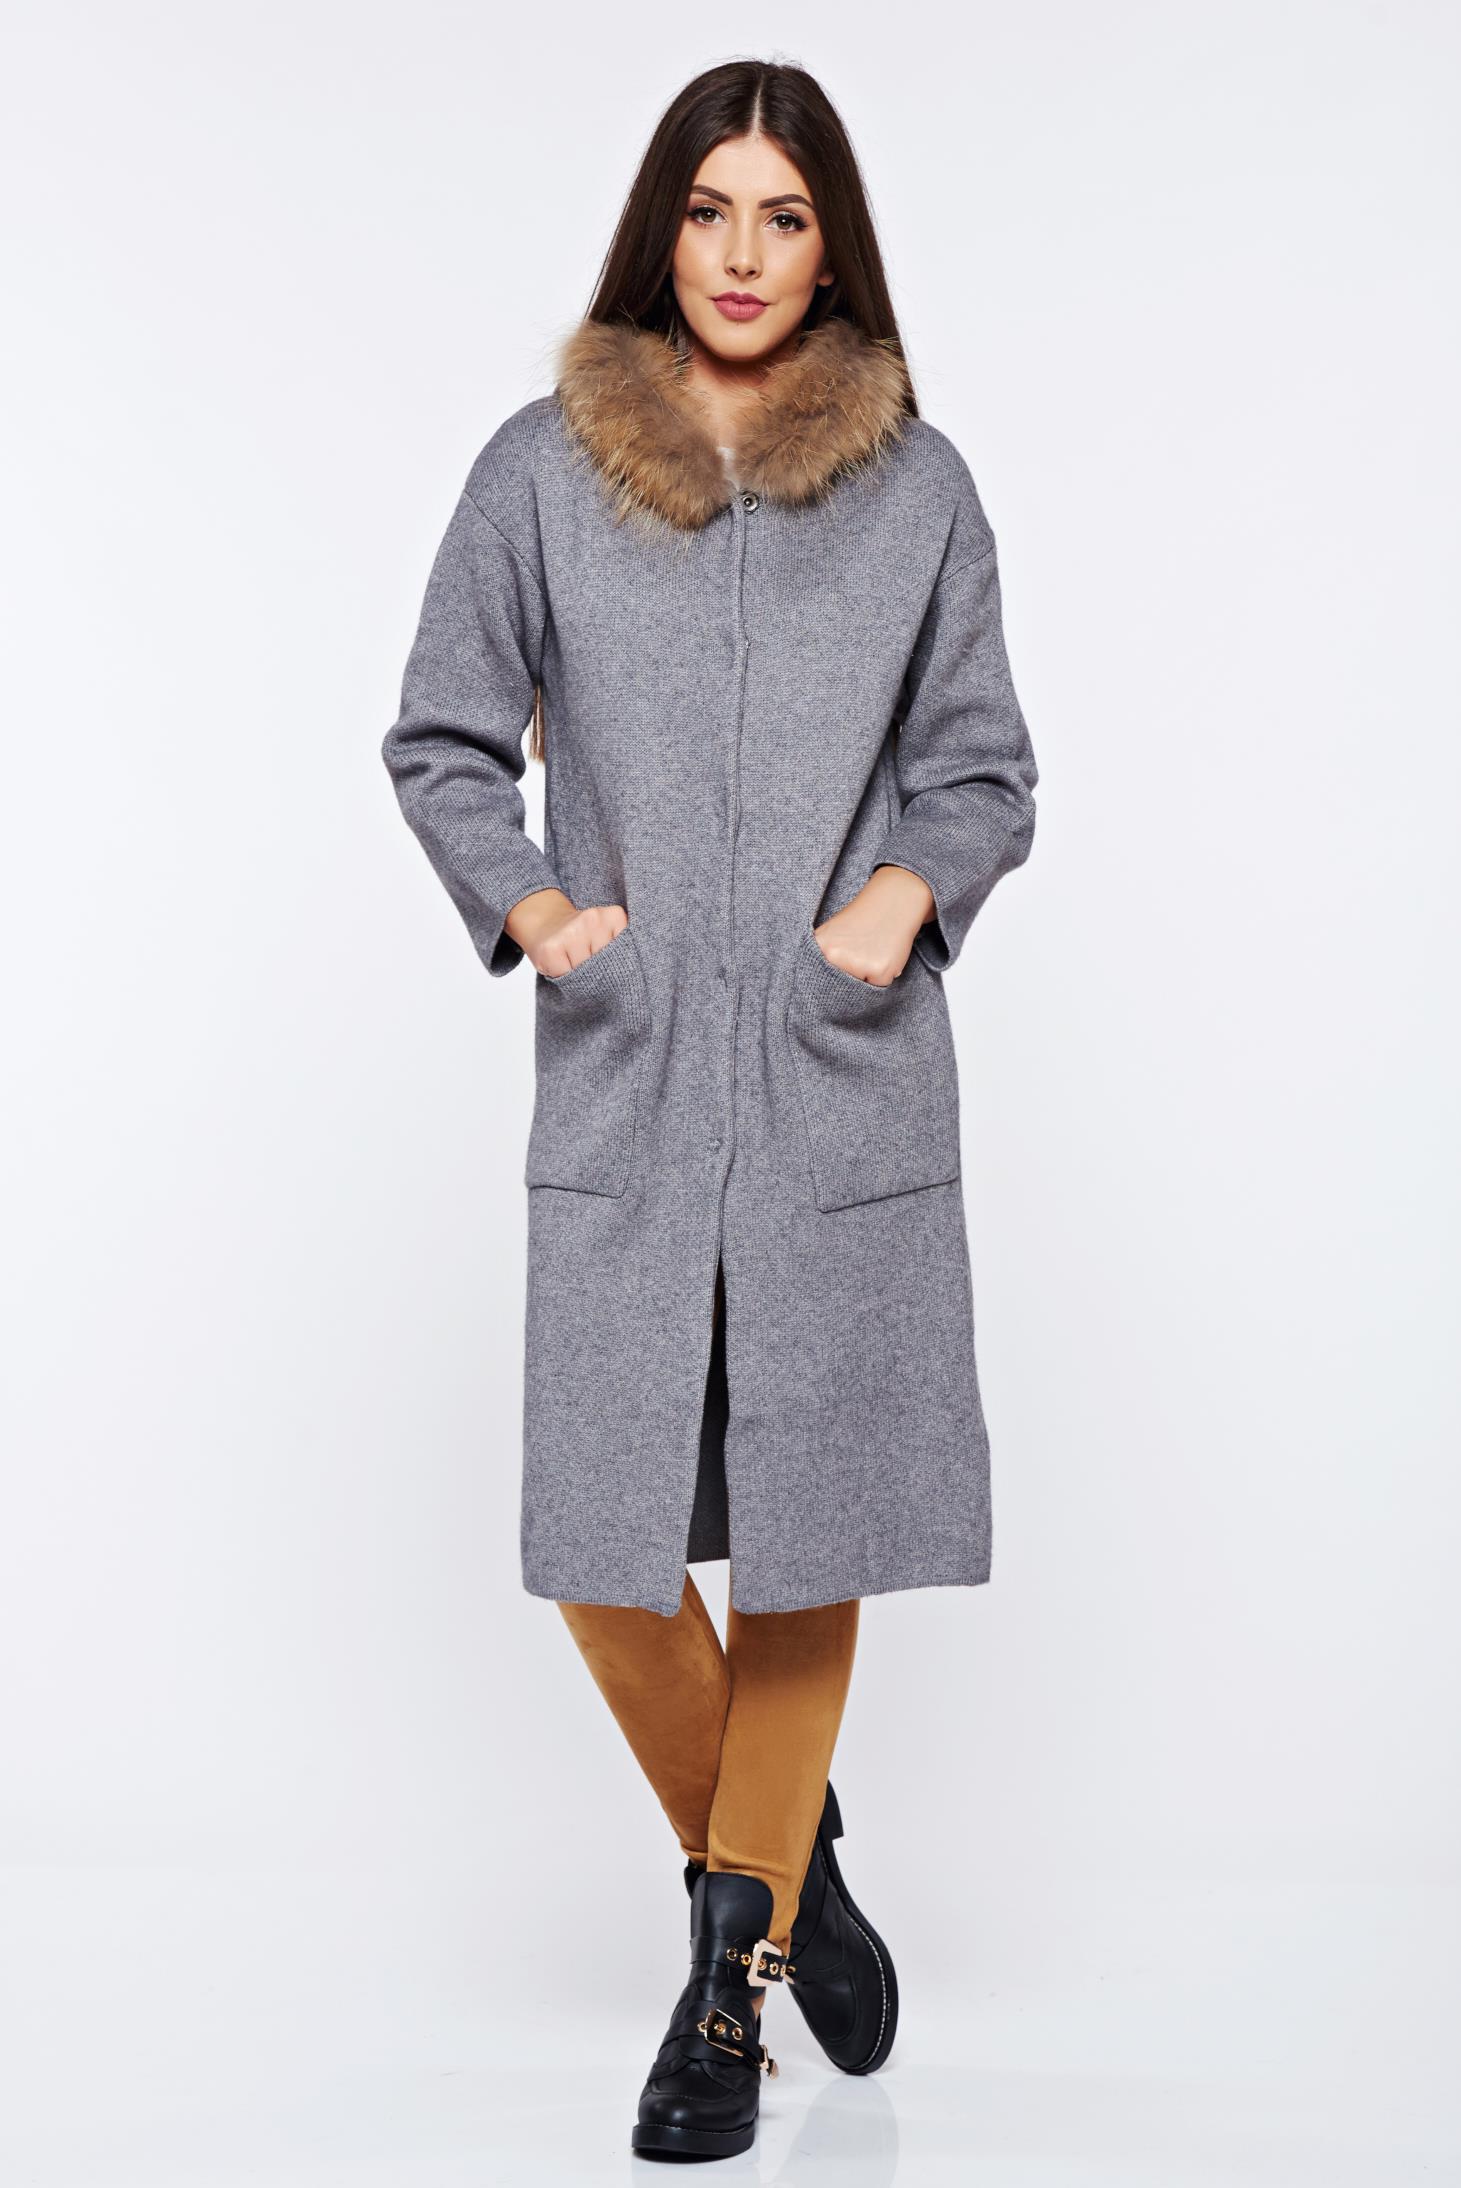 Cardigan gri tricotat din material gros cu insertii cu blana ecologica cu buzunare